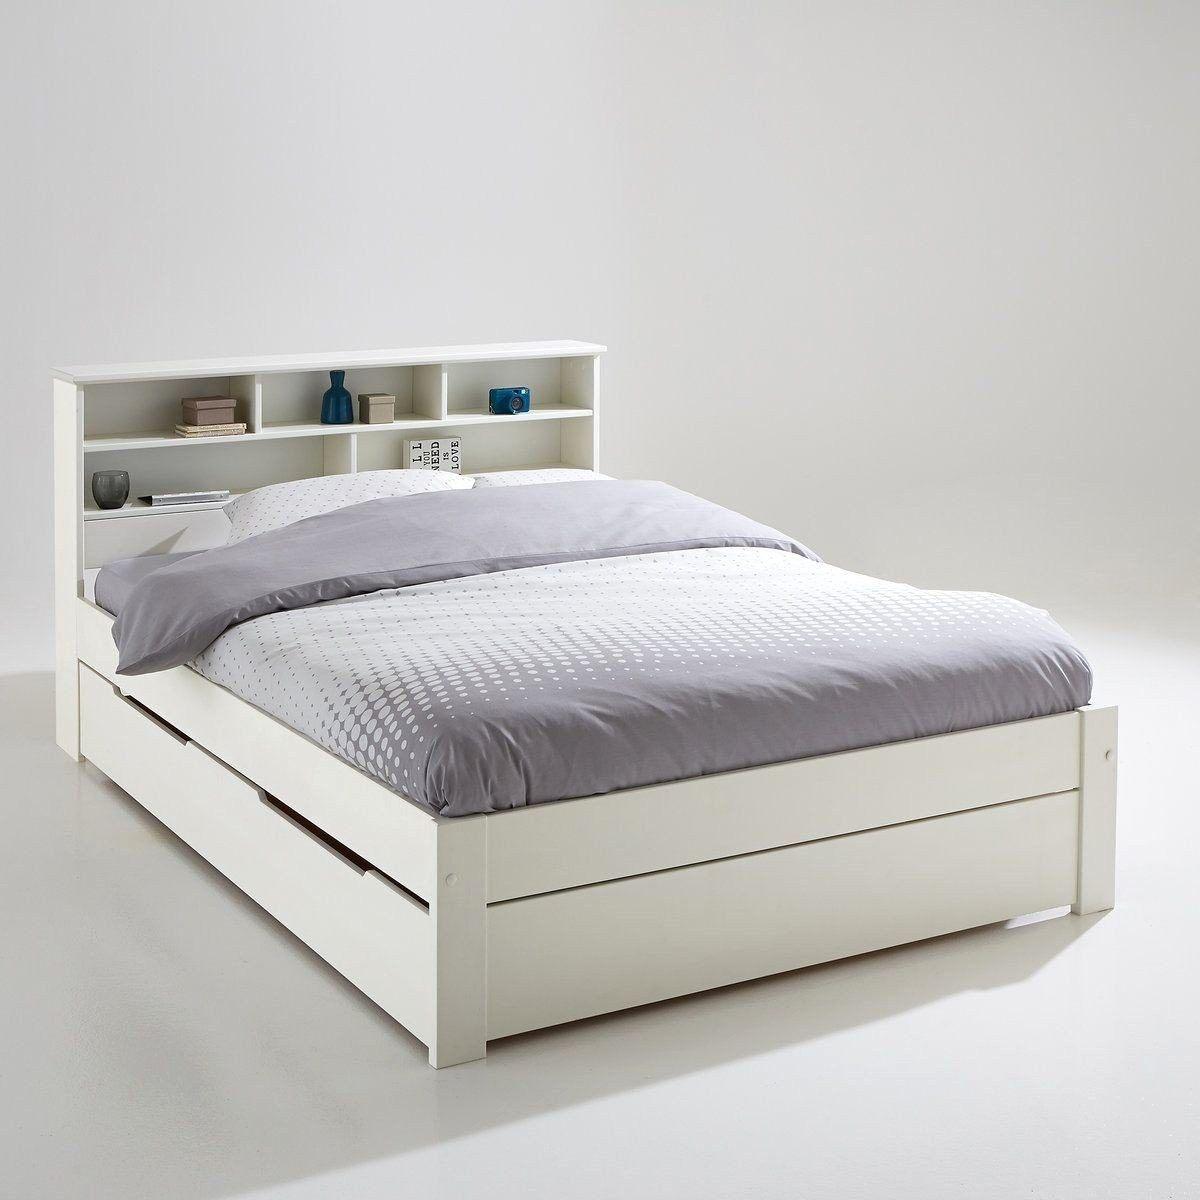 Lit Blanc Avec Rangement Bel Tete De Lit Blanc 160 Cm Beau S Tete De Lit Ikea 180 Fauteuil